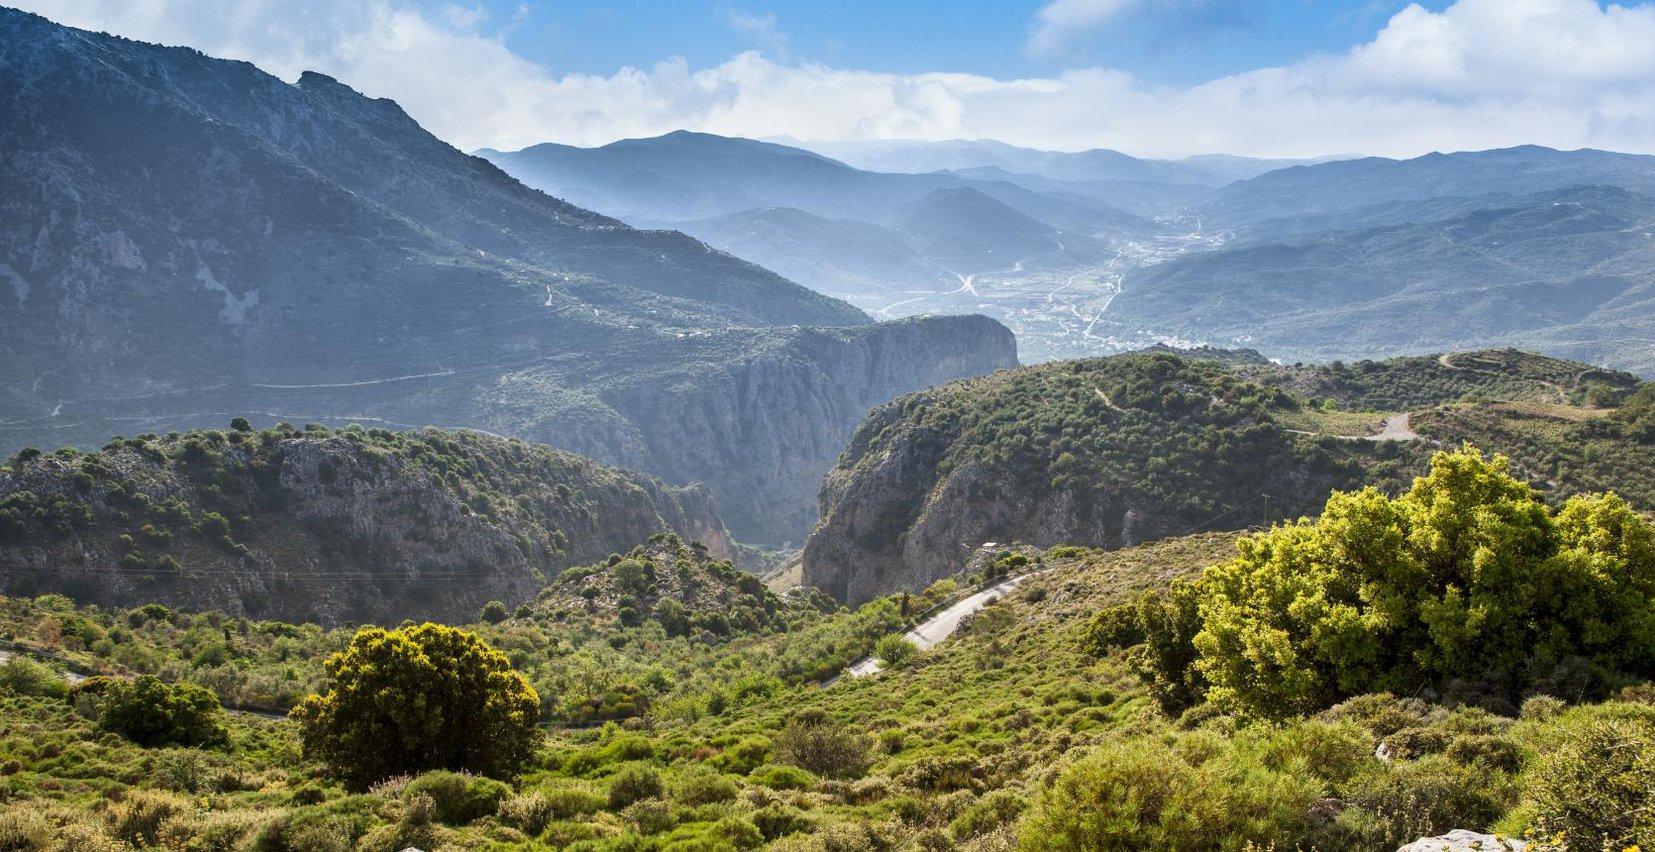 The beautiful mountains of Males near Mala Villa